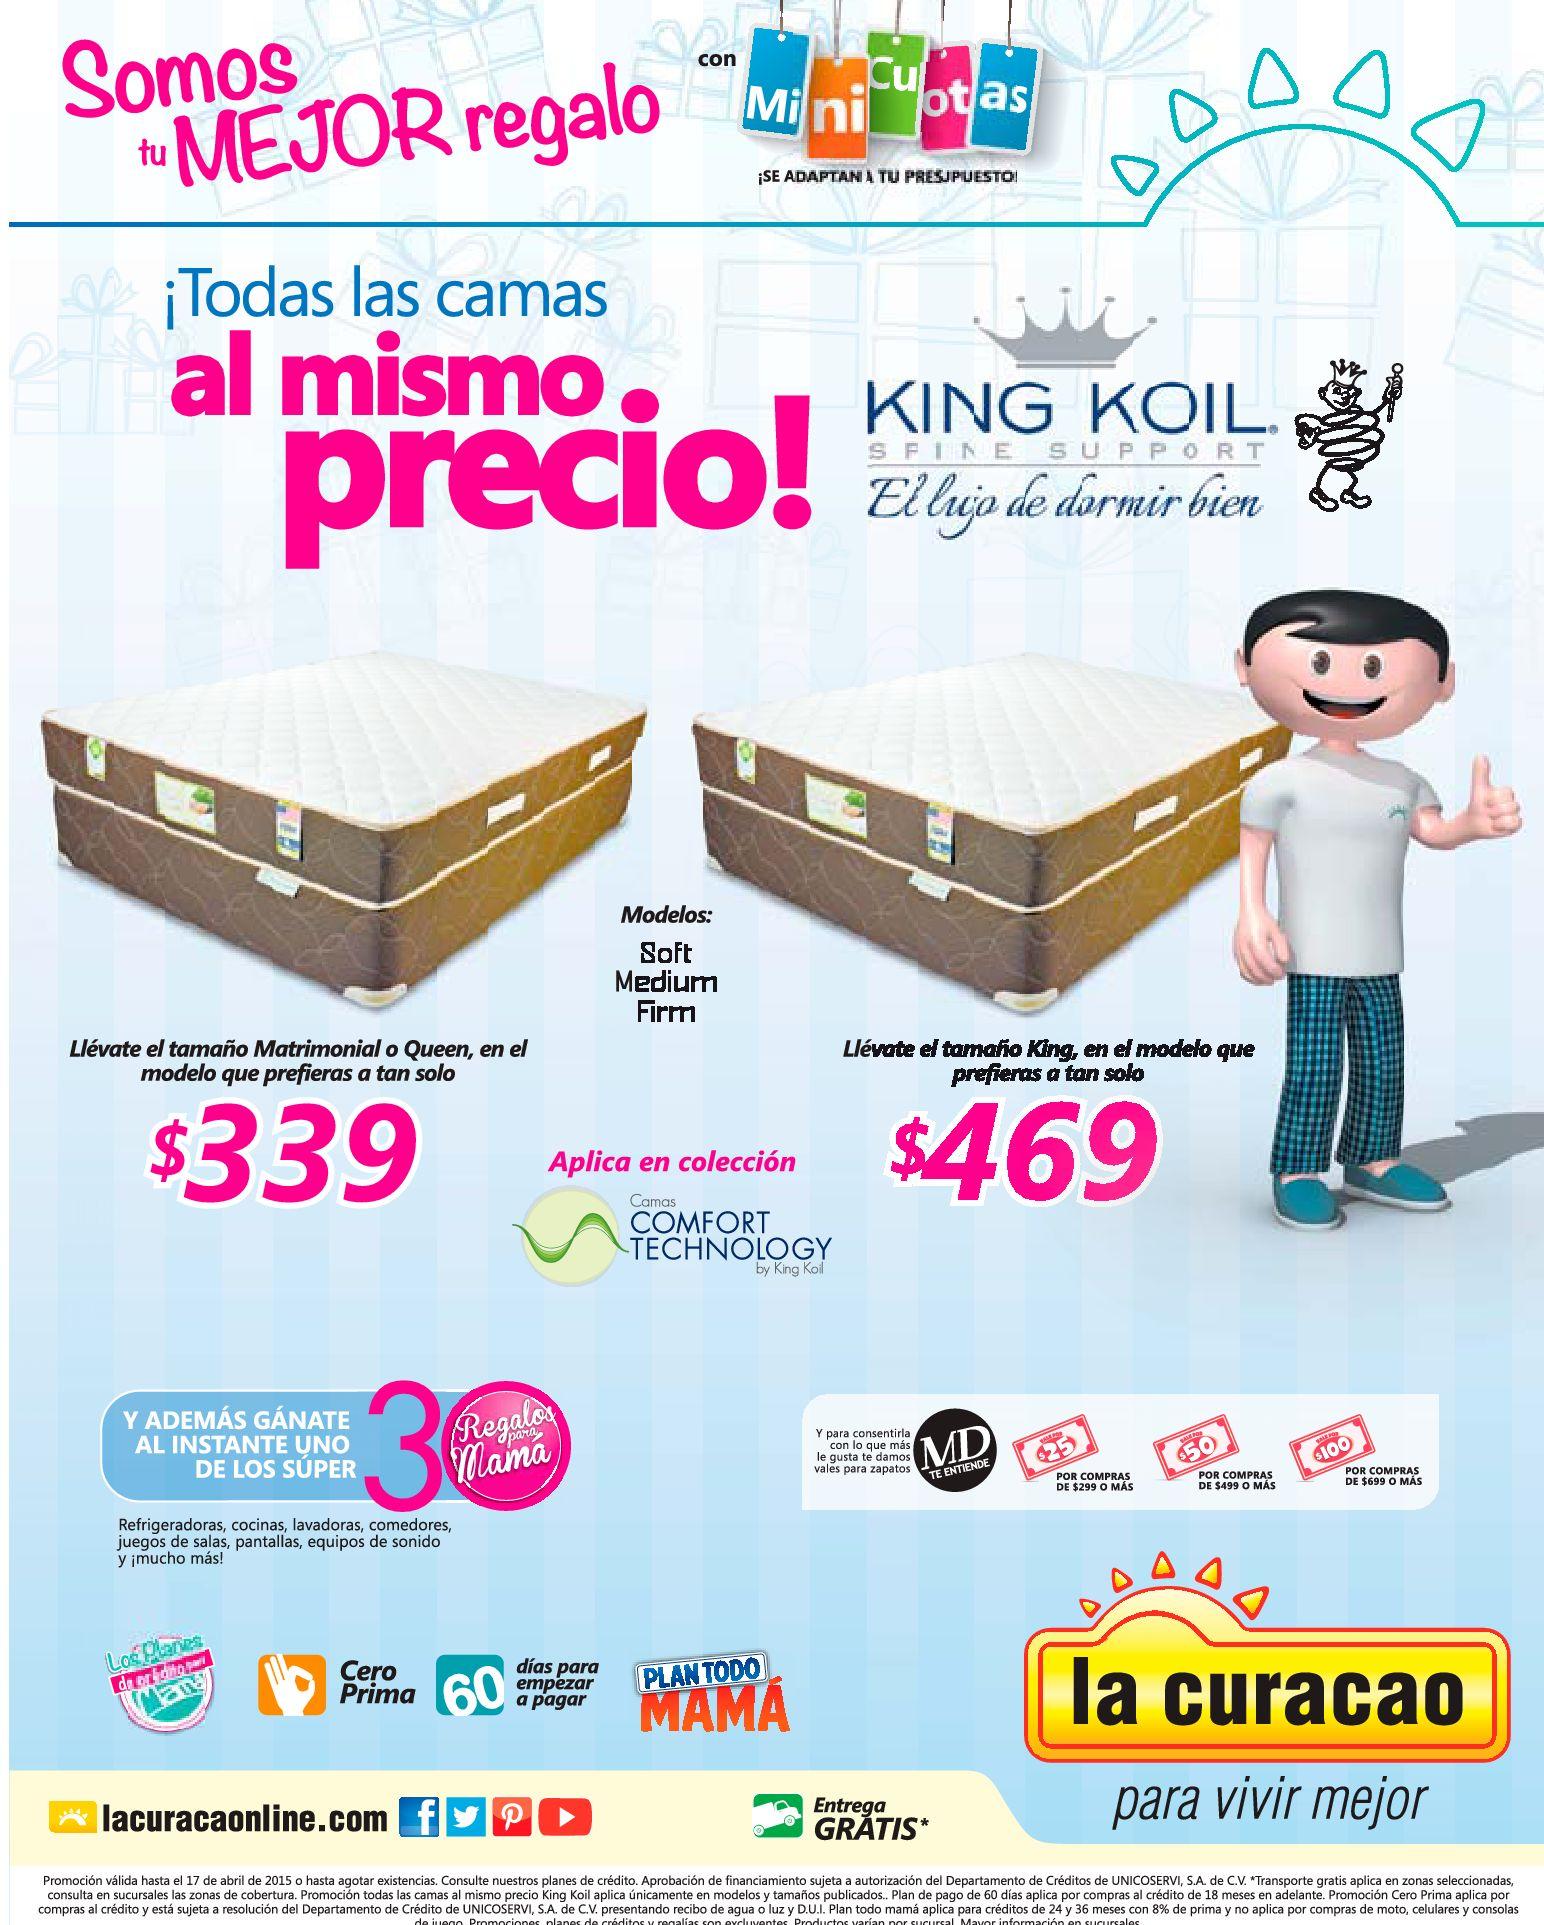 Todas las camas al mismo precios KING KOIL Bed spine support